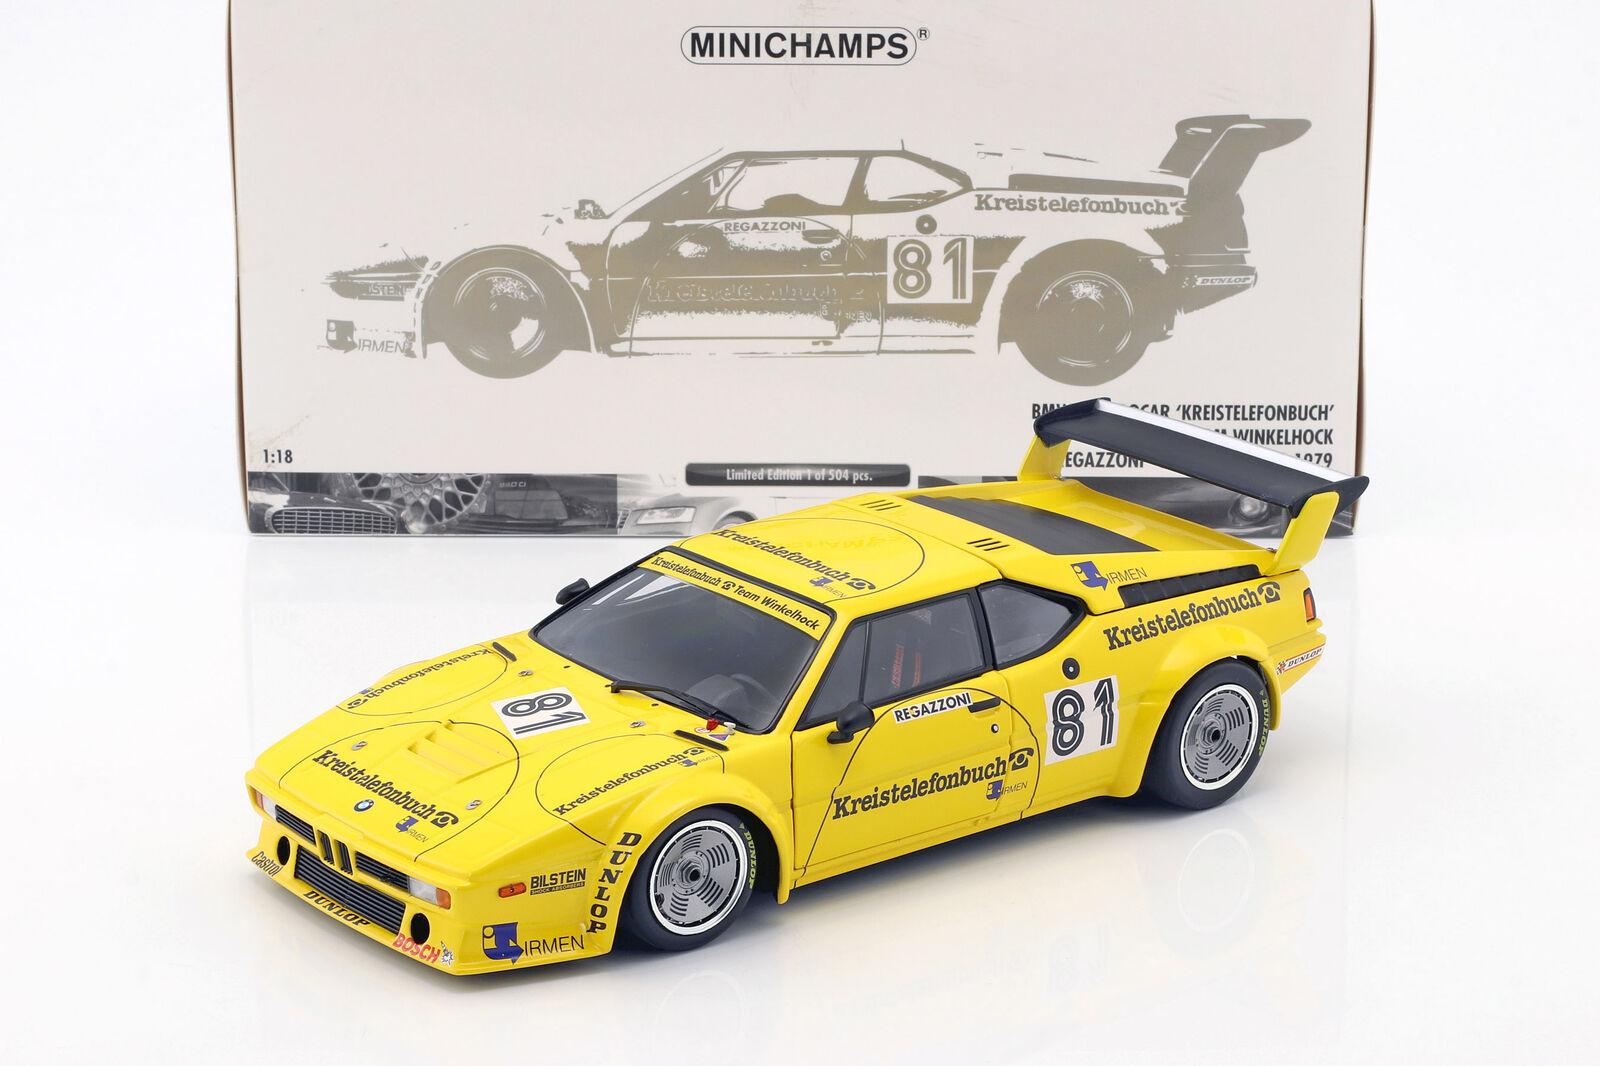 Bmw  m1 PRO voiture e26  81 DRM norrisbague 1979 REGAZZONI 1 18 Minichamps  édition limitée chaude